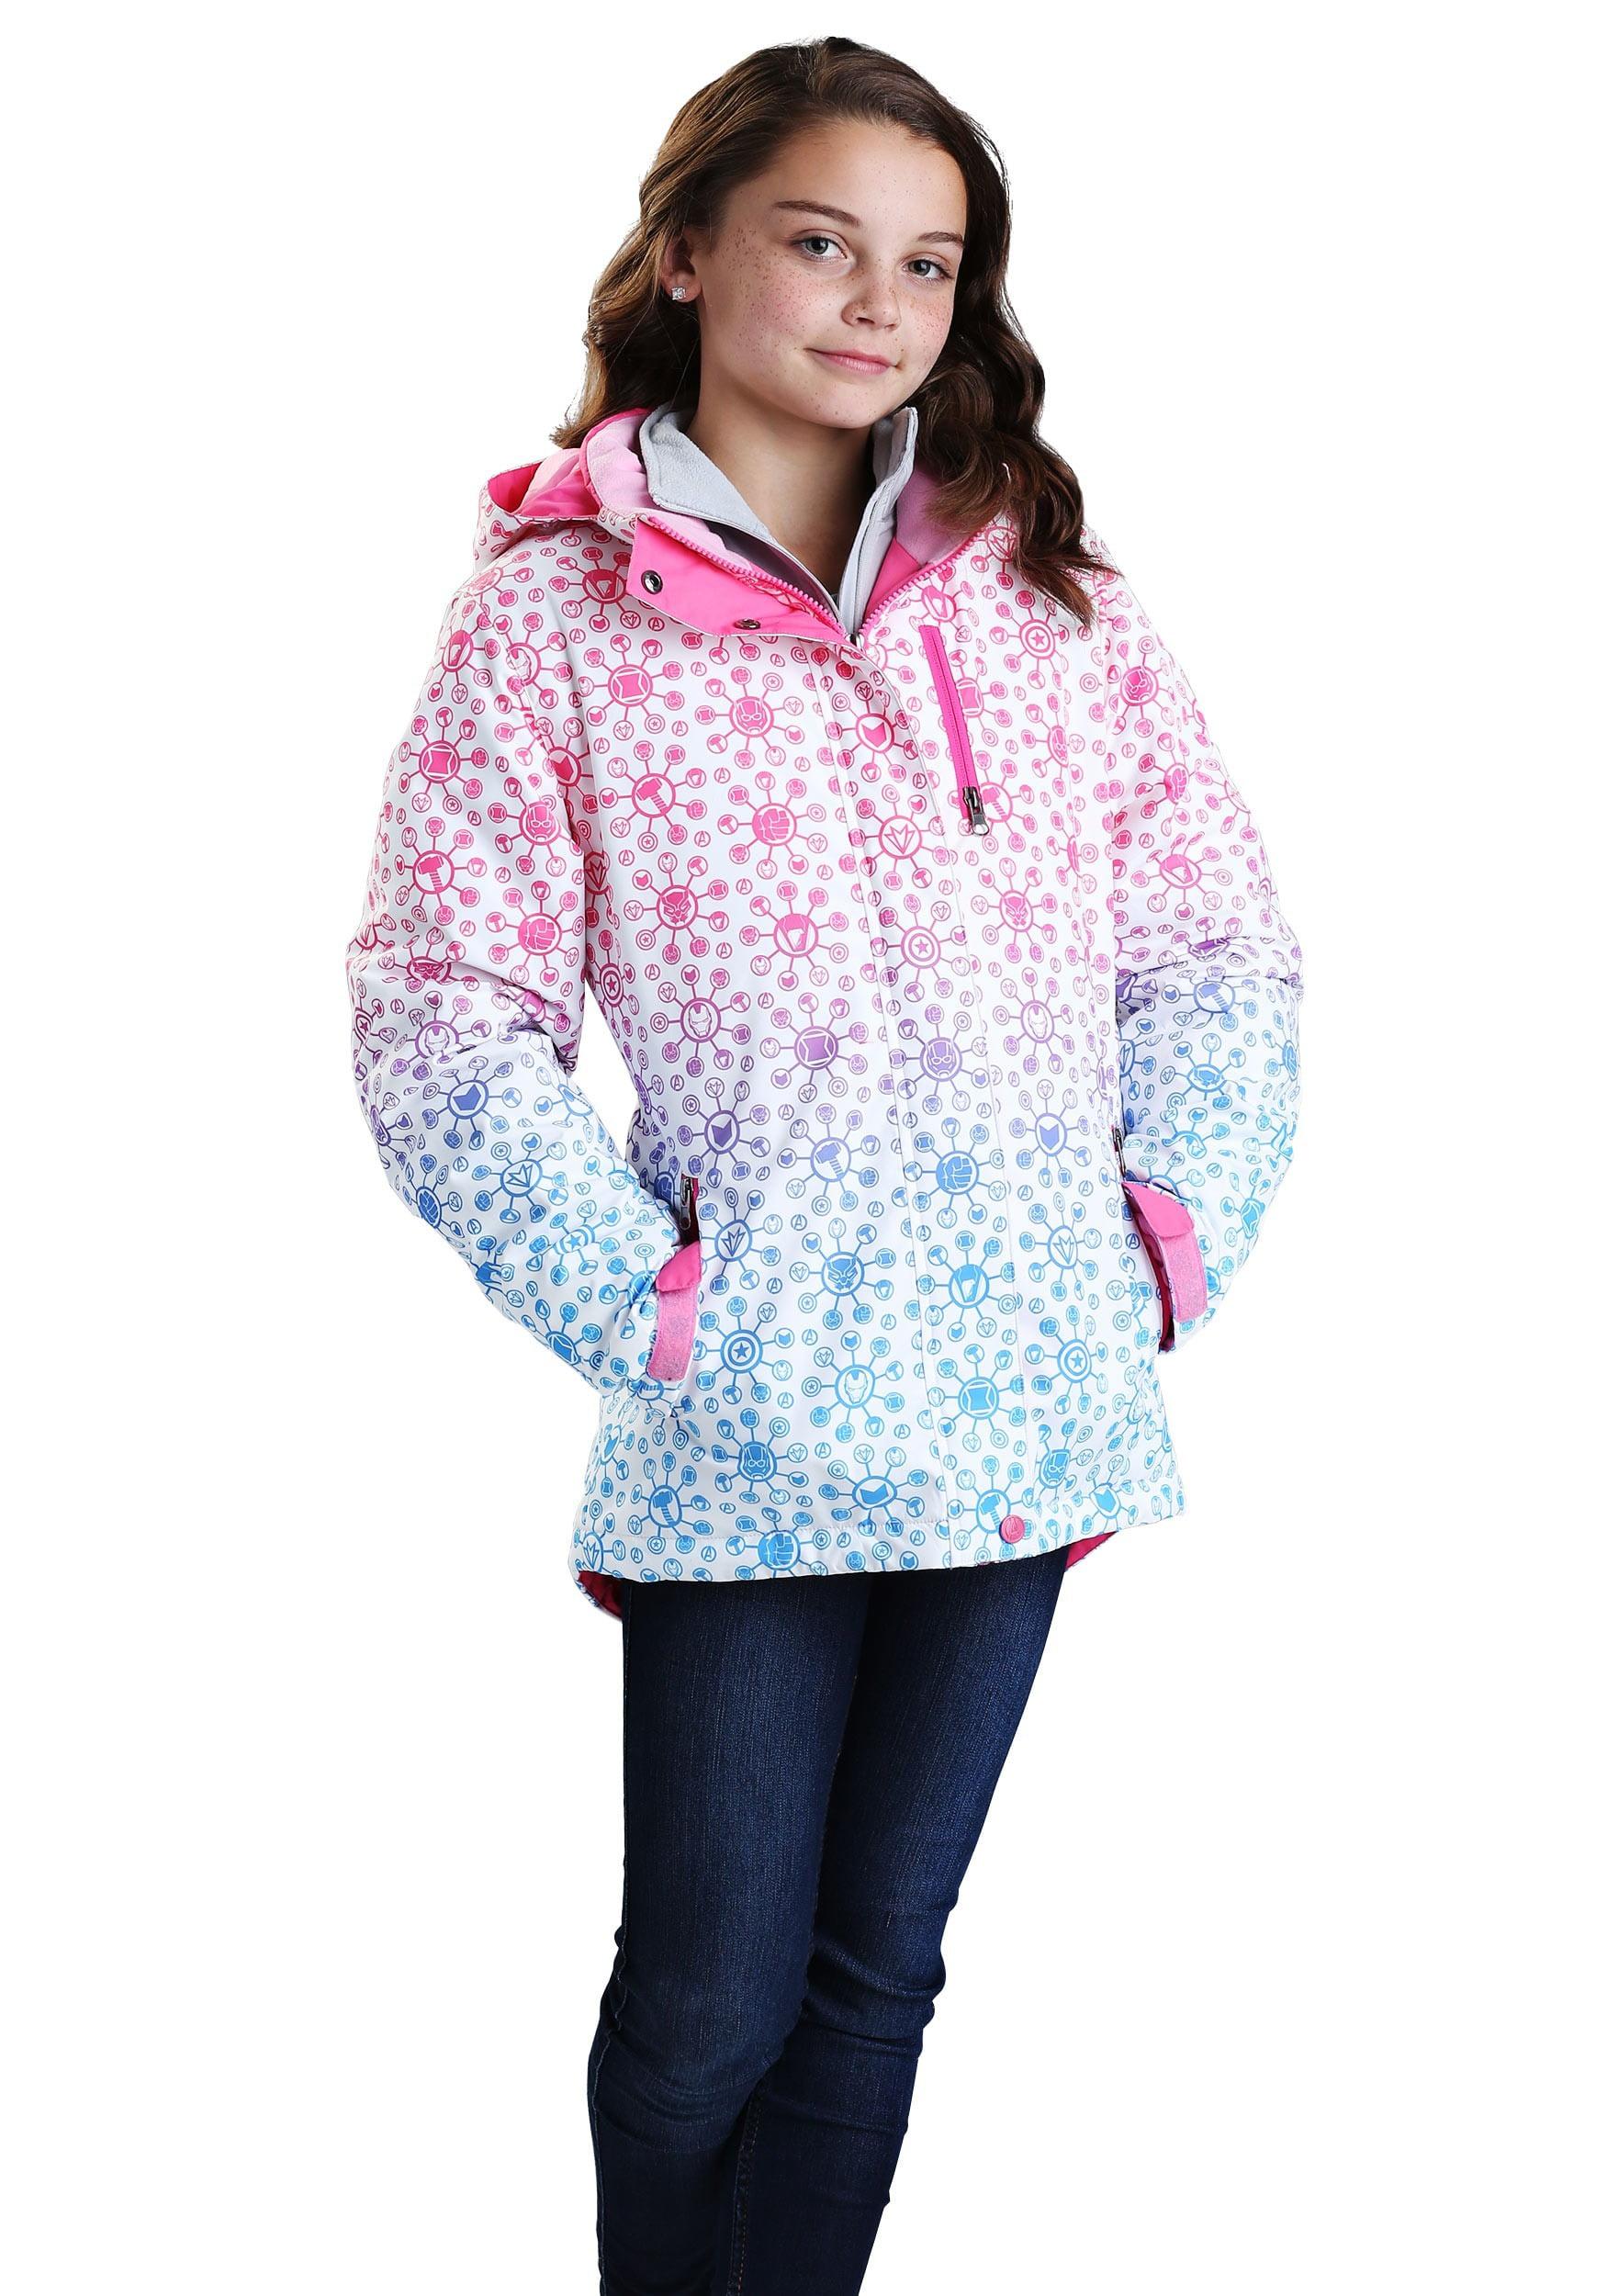 7d6b579ef7ec Winter Coats and Vests